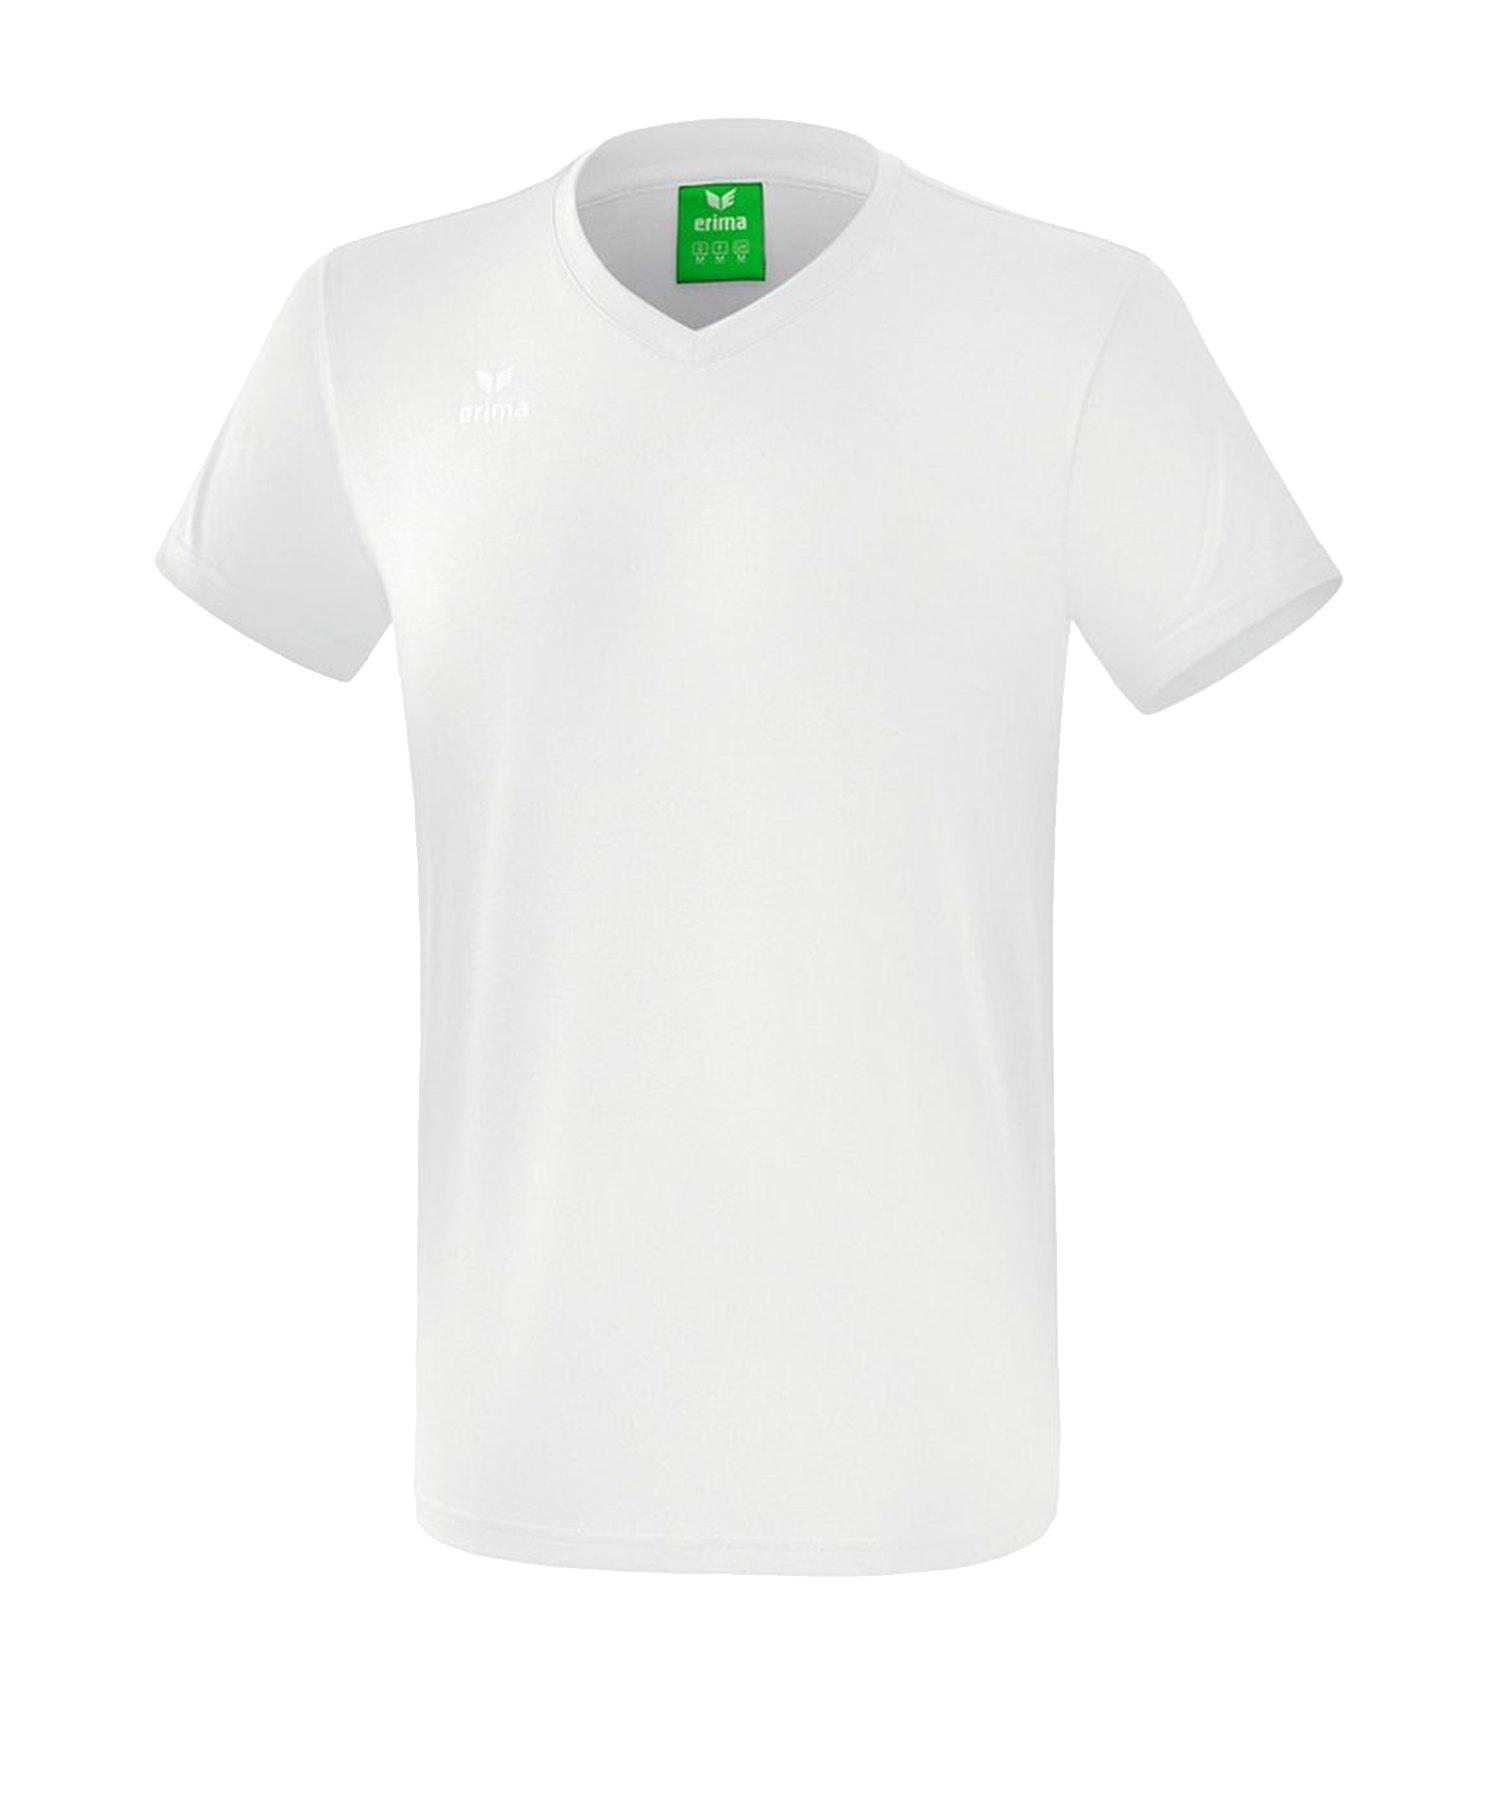 Erima Style T-Shirt Kids Weiss - Weiss